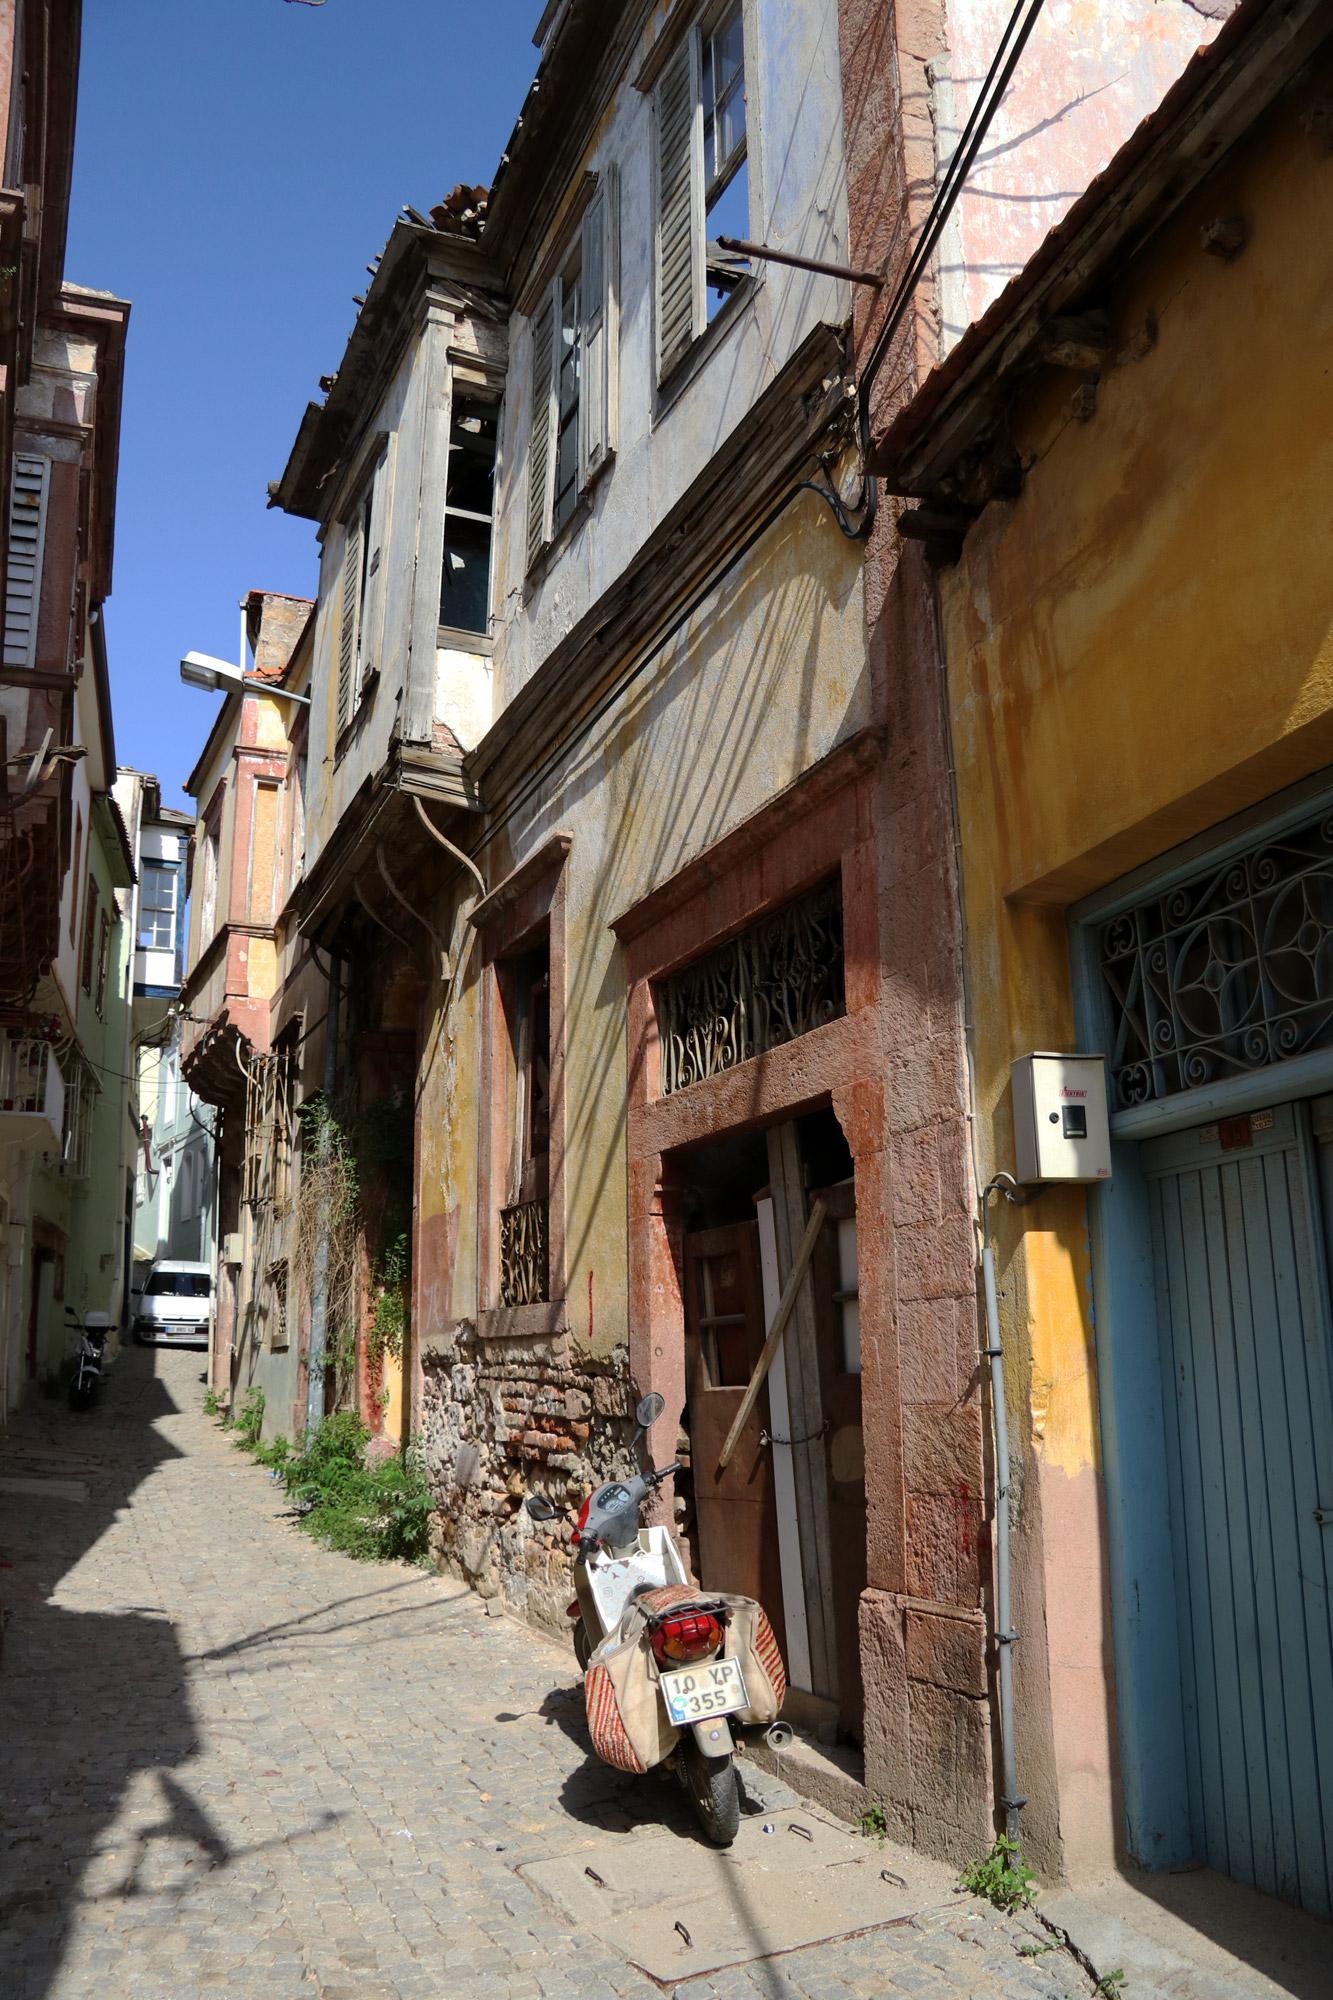 Turkije reisverslag: Bergama en Ayvalik - Sfeervolle straatjes van Ayvalik